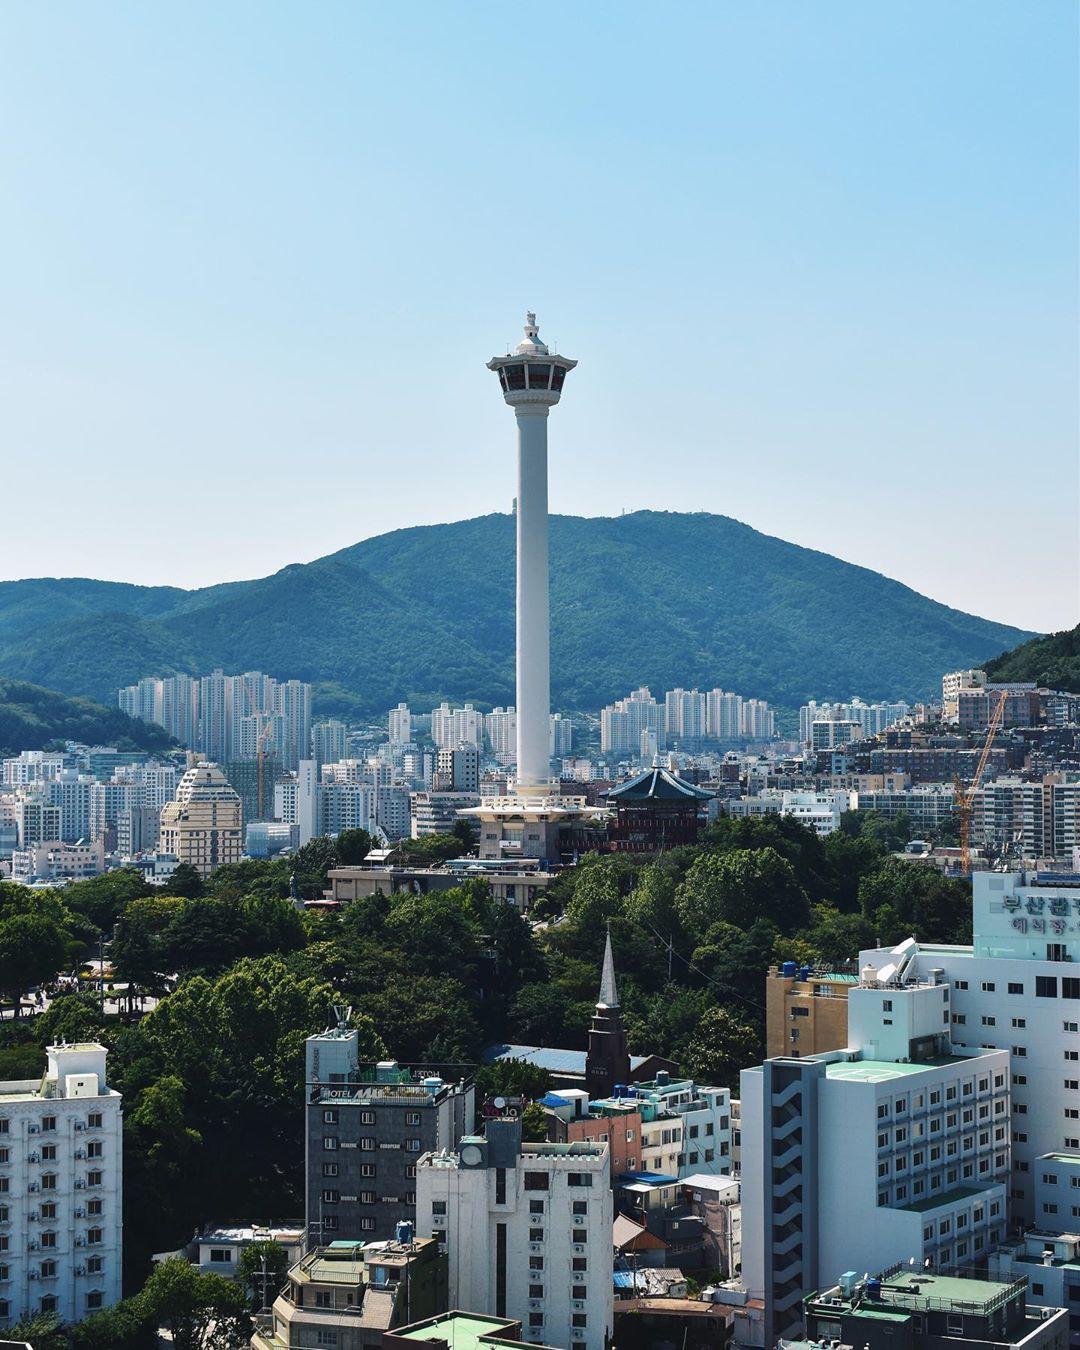 Mê mệt với những điểm đến hút khách du lịch bậc nhất Busan - Ảnh 26.